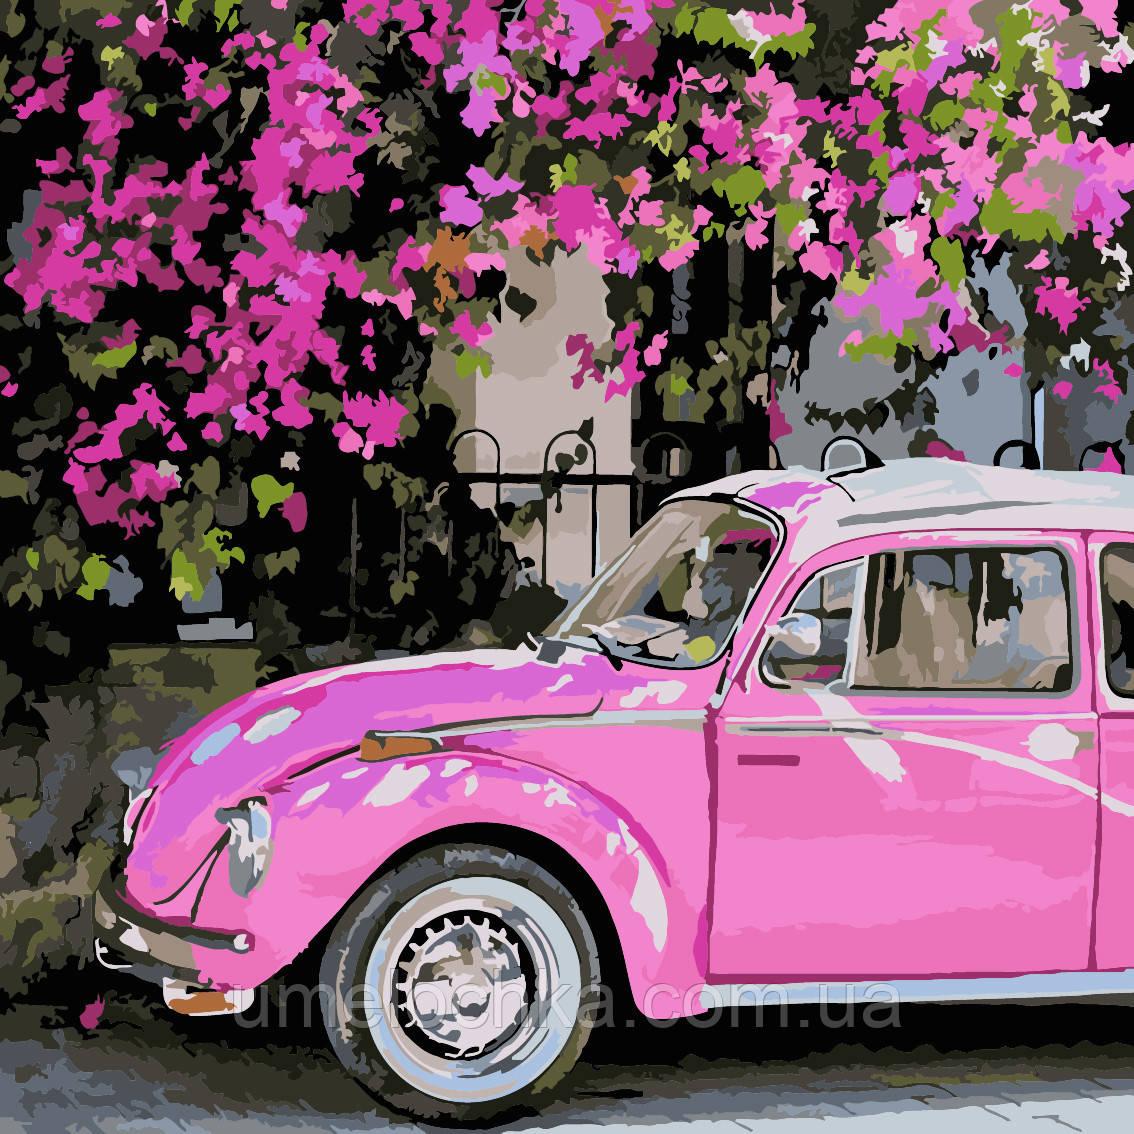 Картина по номерам Розовое авто (AS0224) 40 х 40 см ArtStory [Без коробки]